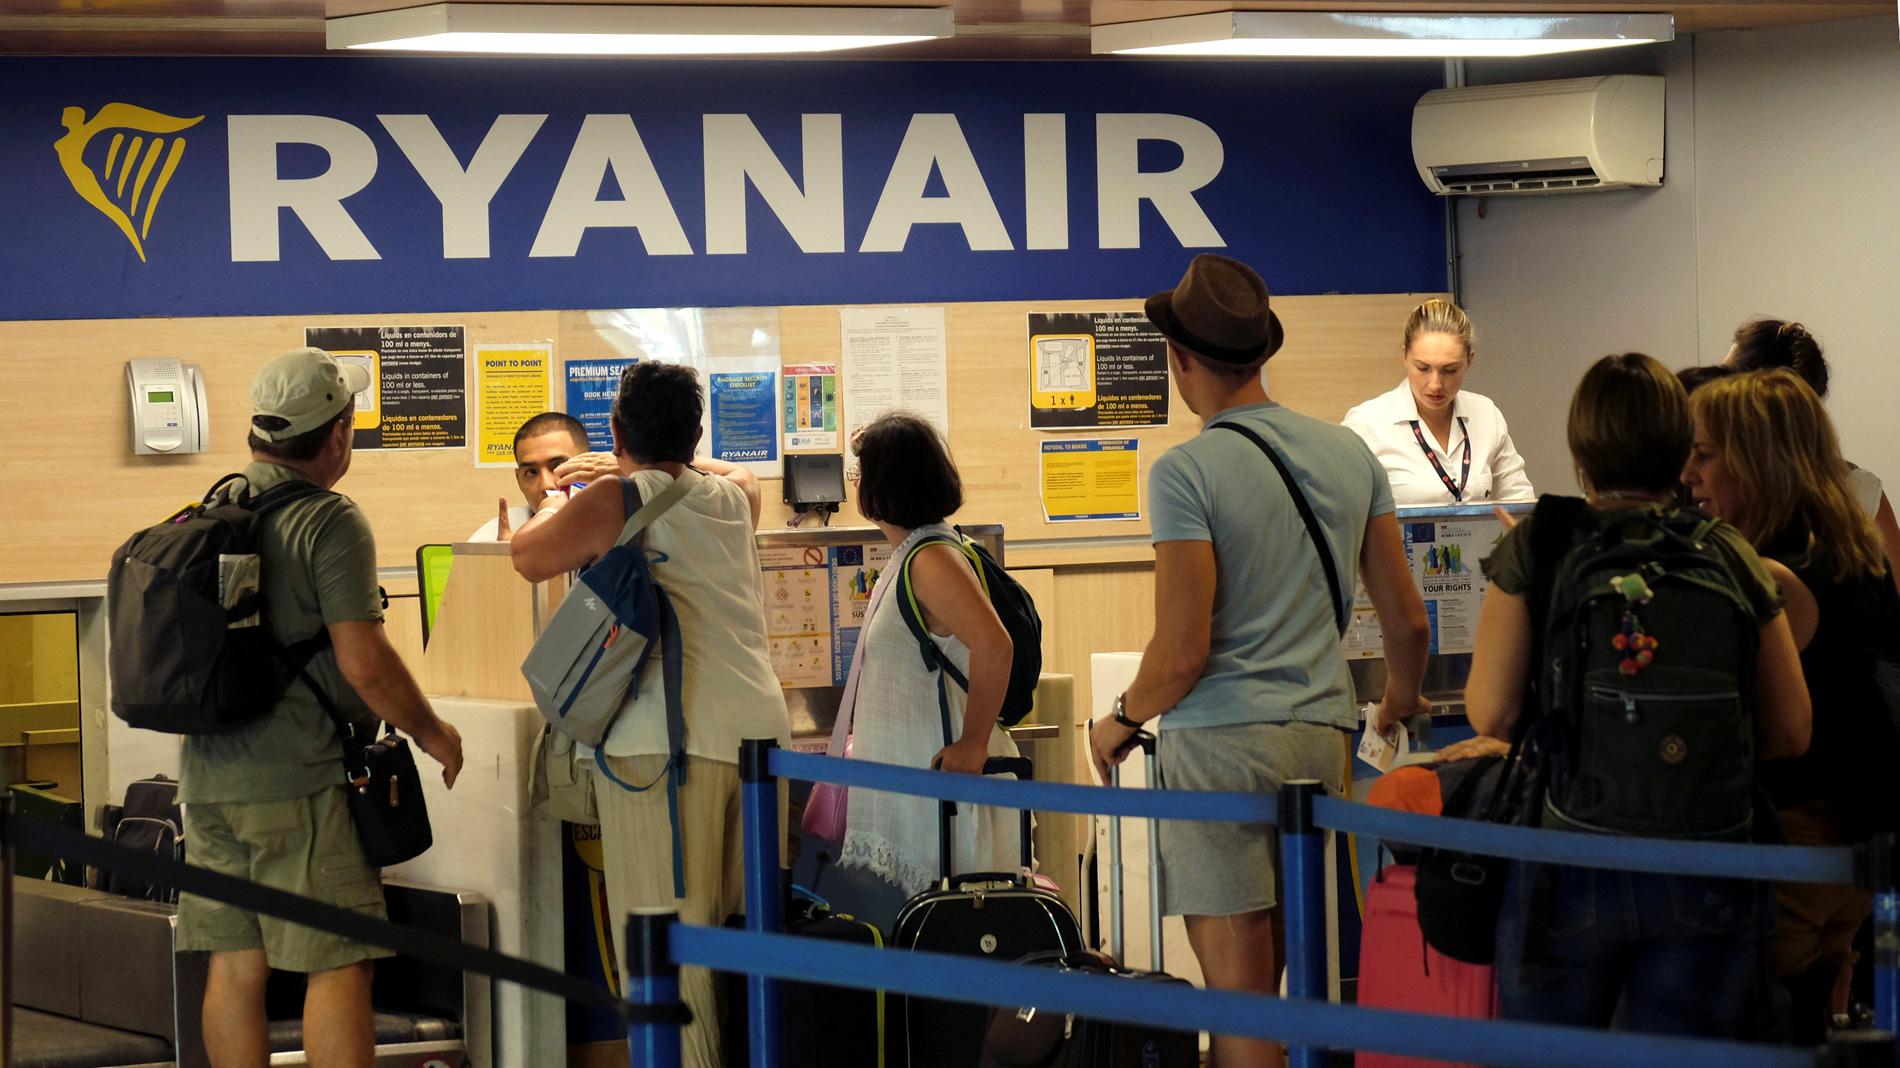 Huelga ryanair segunda jornada de huelga de los tripulantes de cabina de ryanair - Cabina ryanair ...